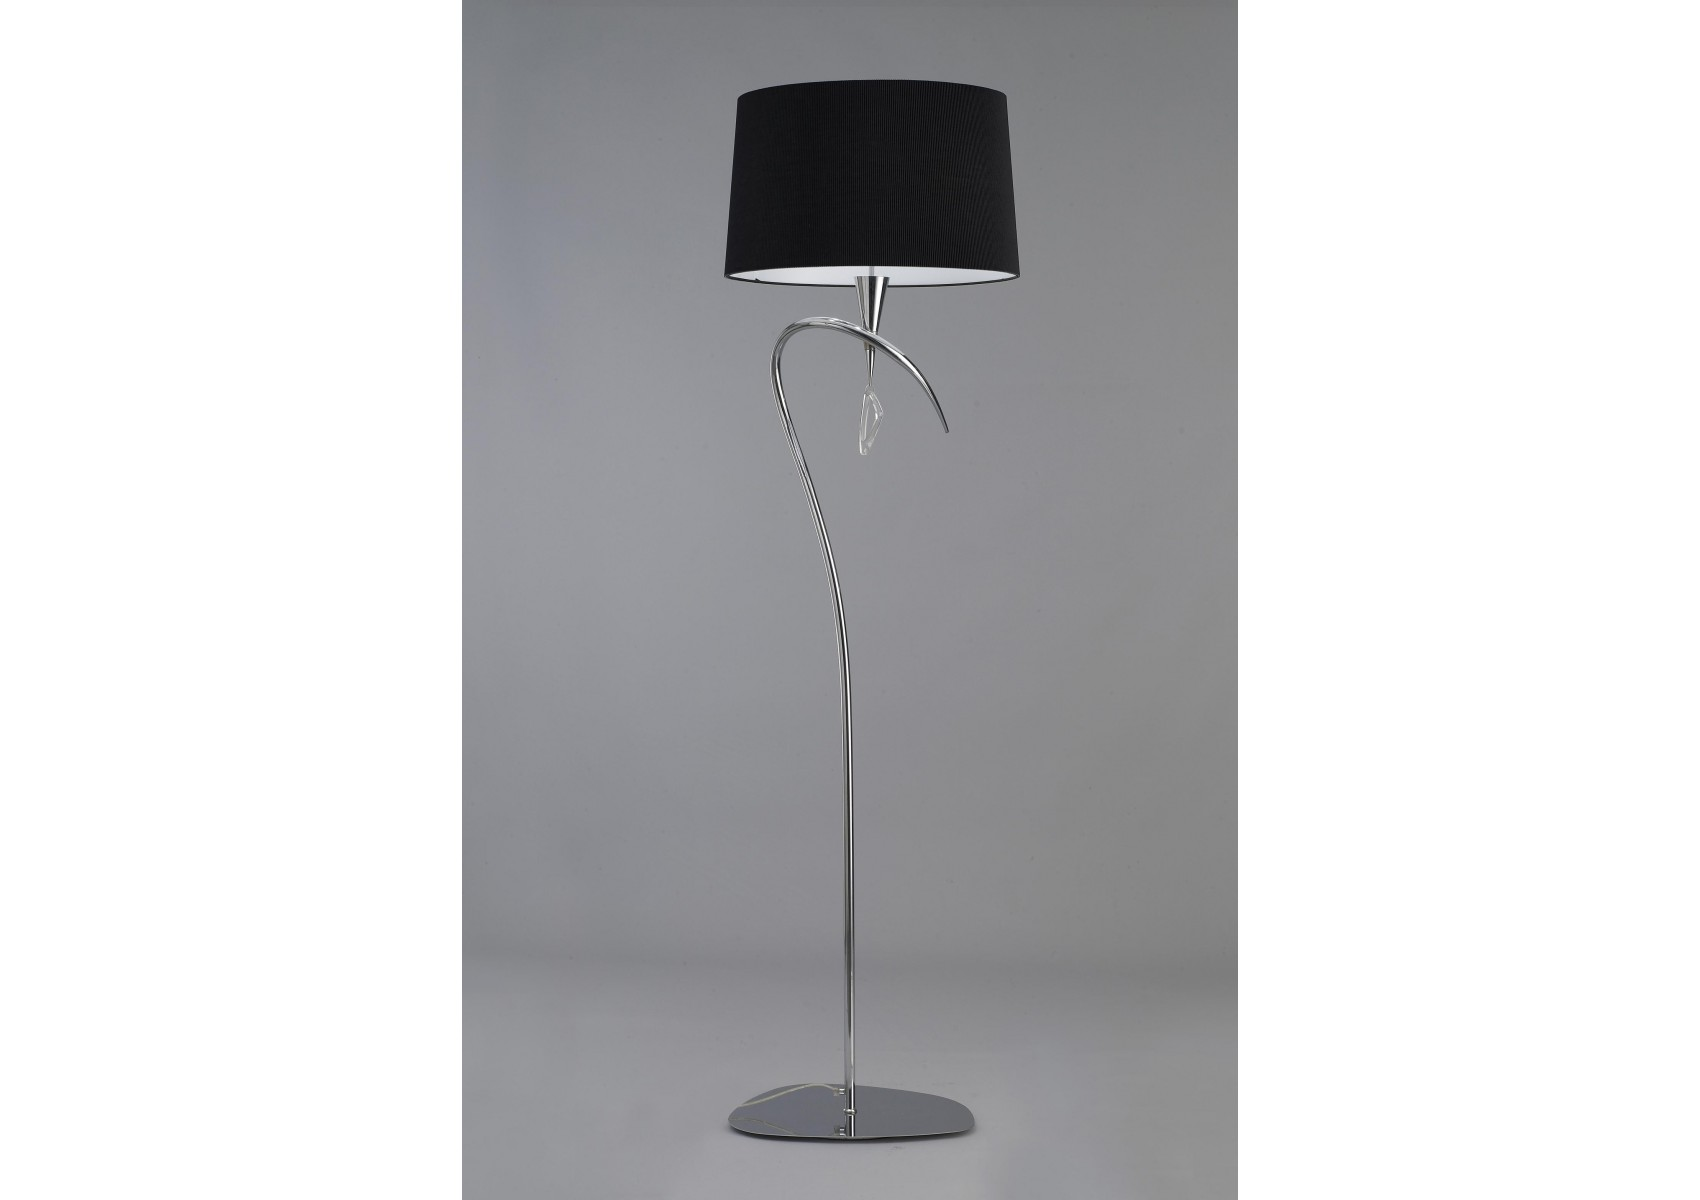 lampadaire design mara trois lampes de chez mantra en noir. Black Bedroom Furniture Sets. Home Design Ideas